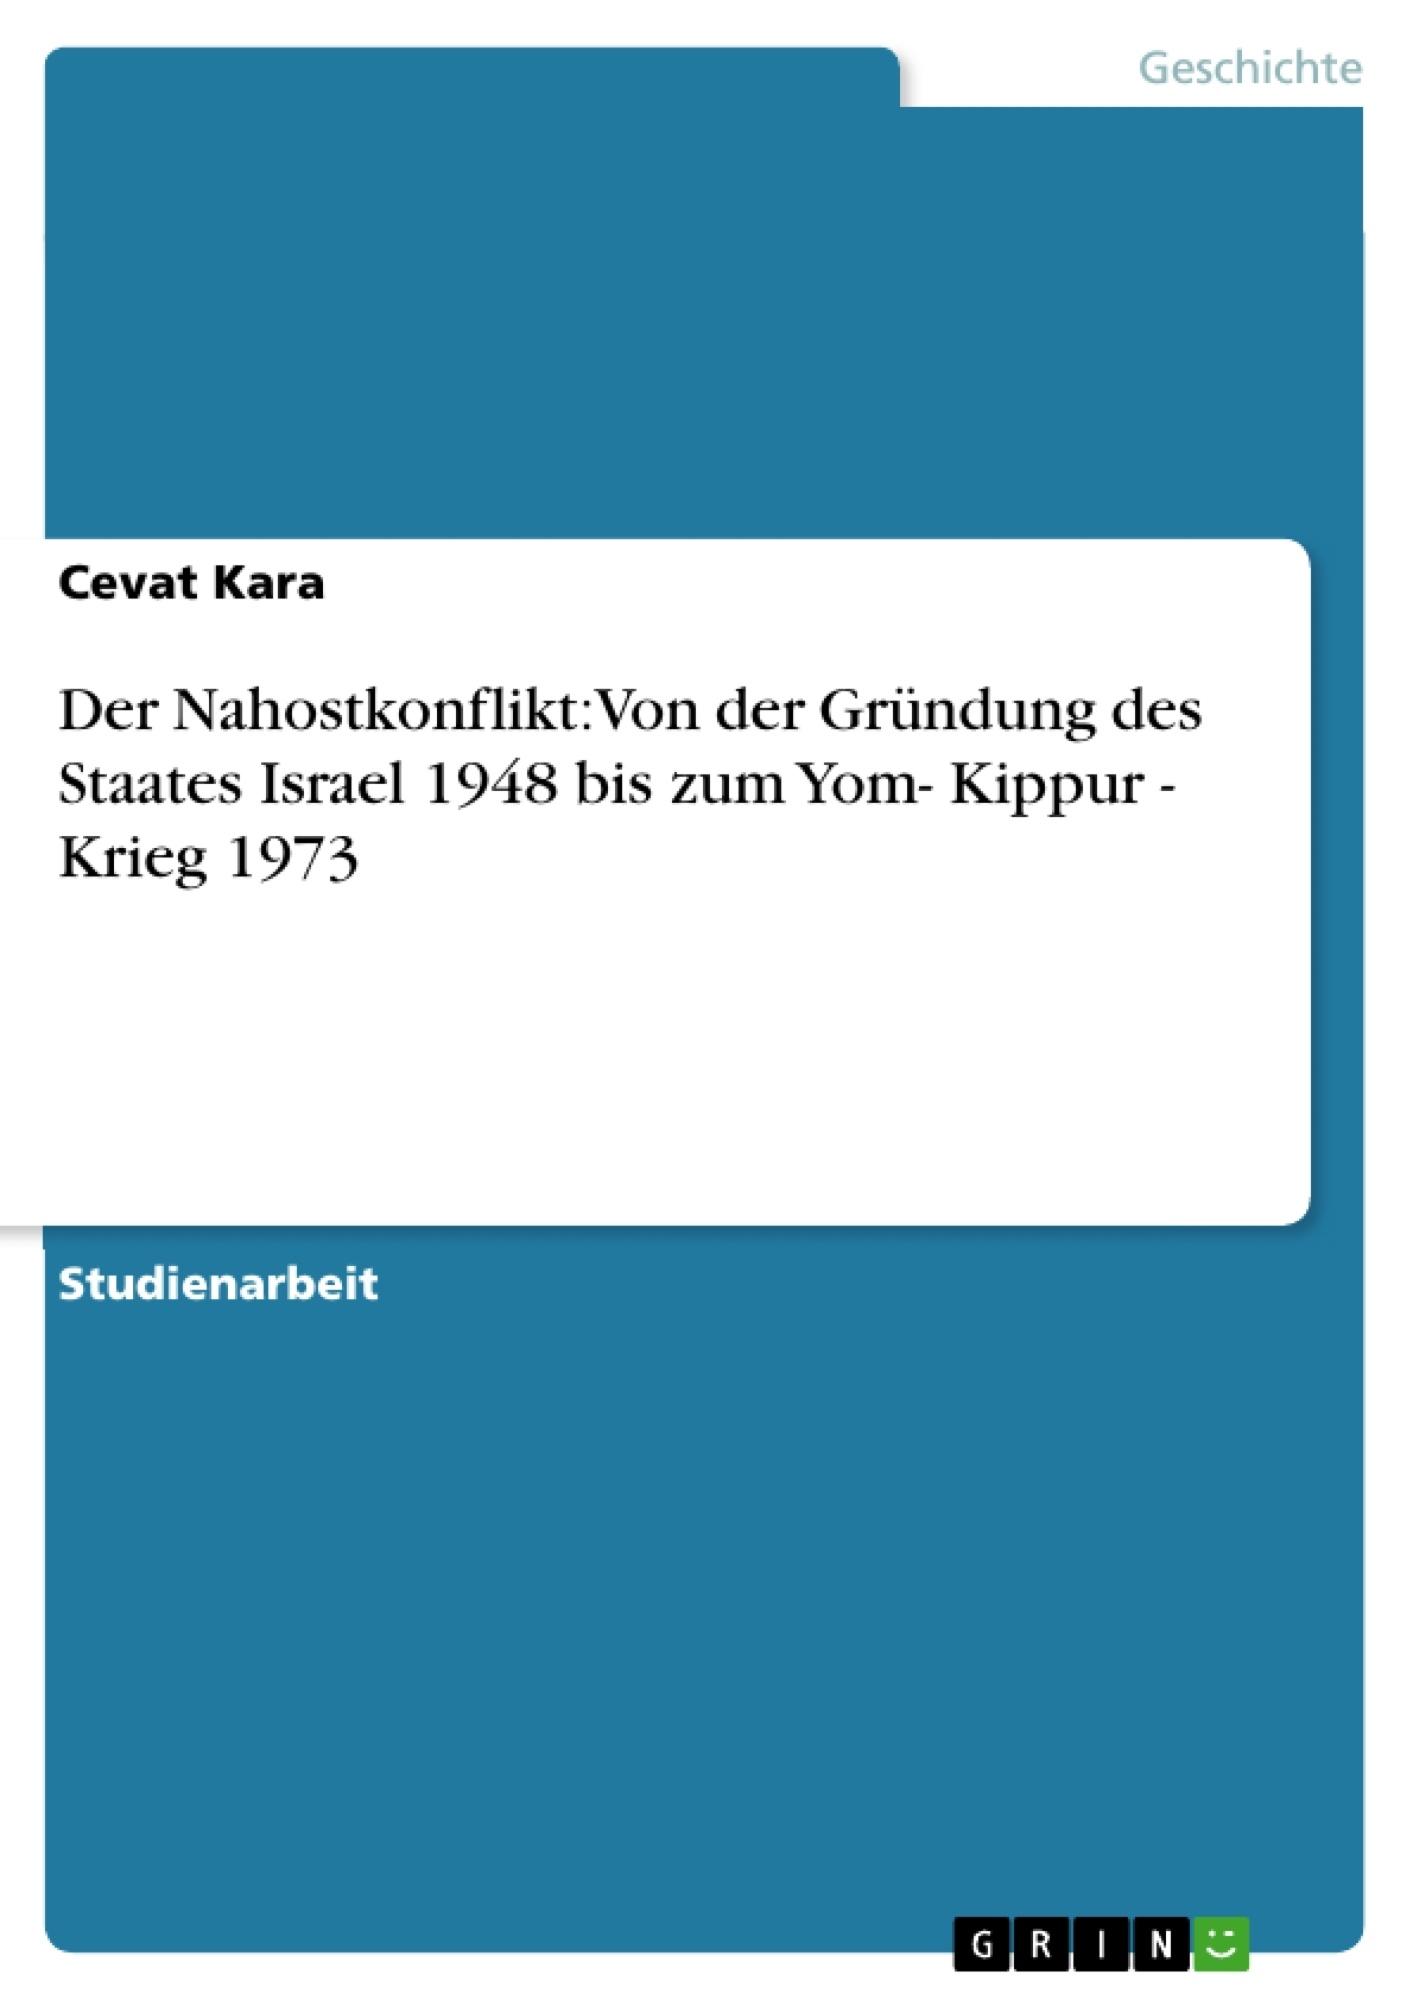 Titel: Der Nahostkonflikt: Von der Gründung des Staates Israel 1948 bis zum Yom- Kippur - Krieg 1973